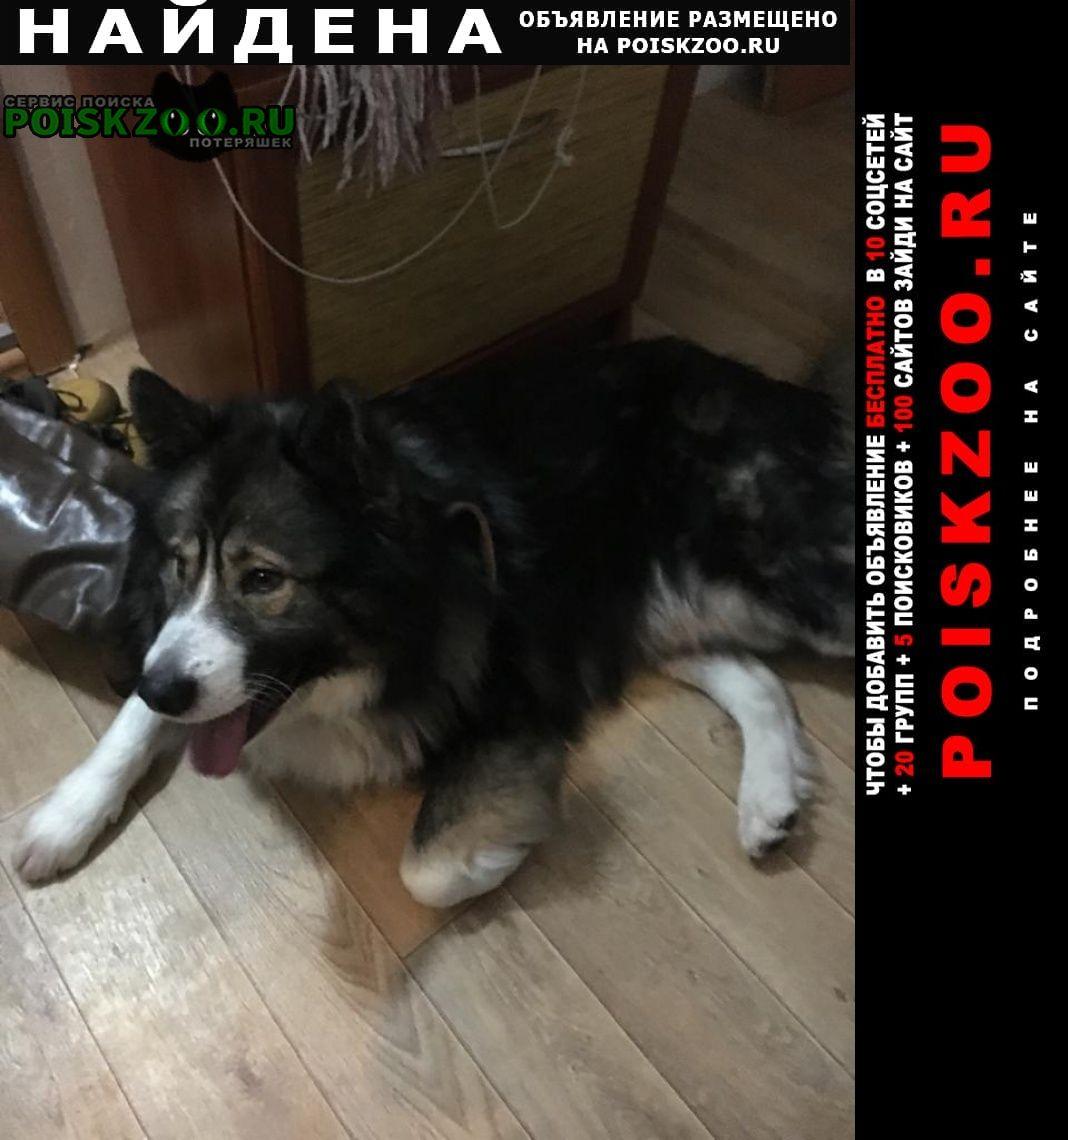 Найдена собака Курск